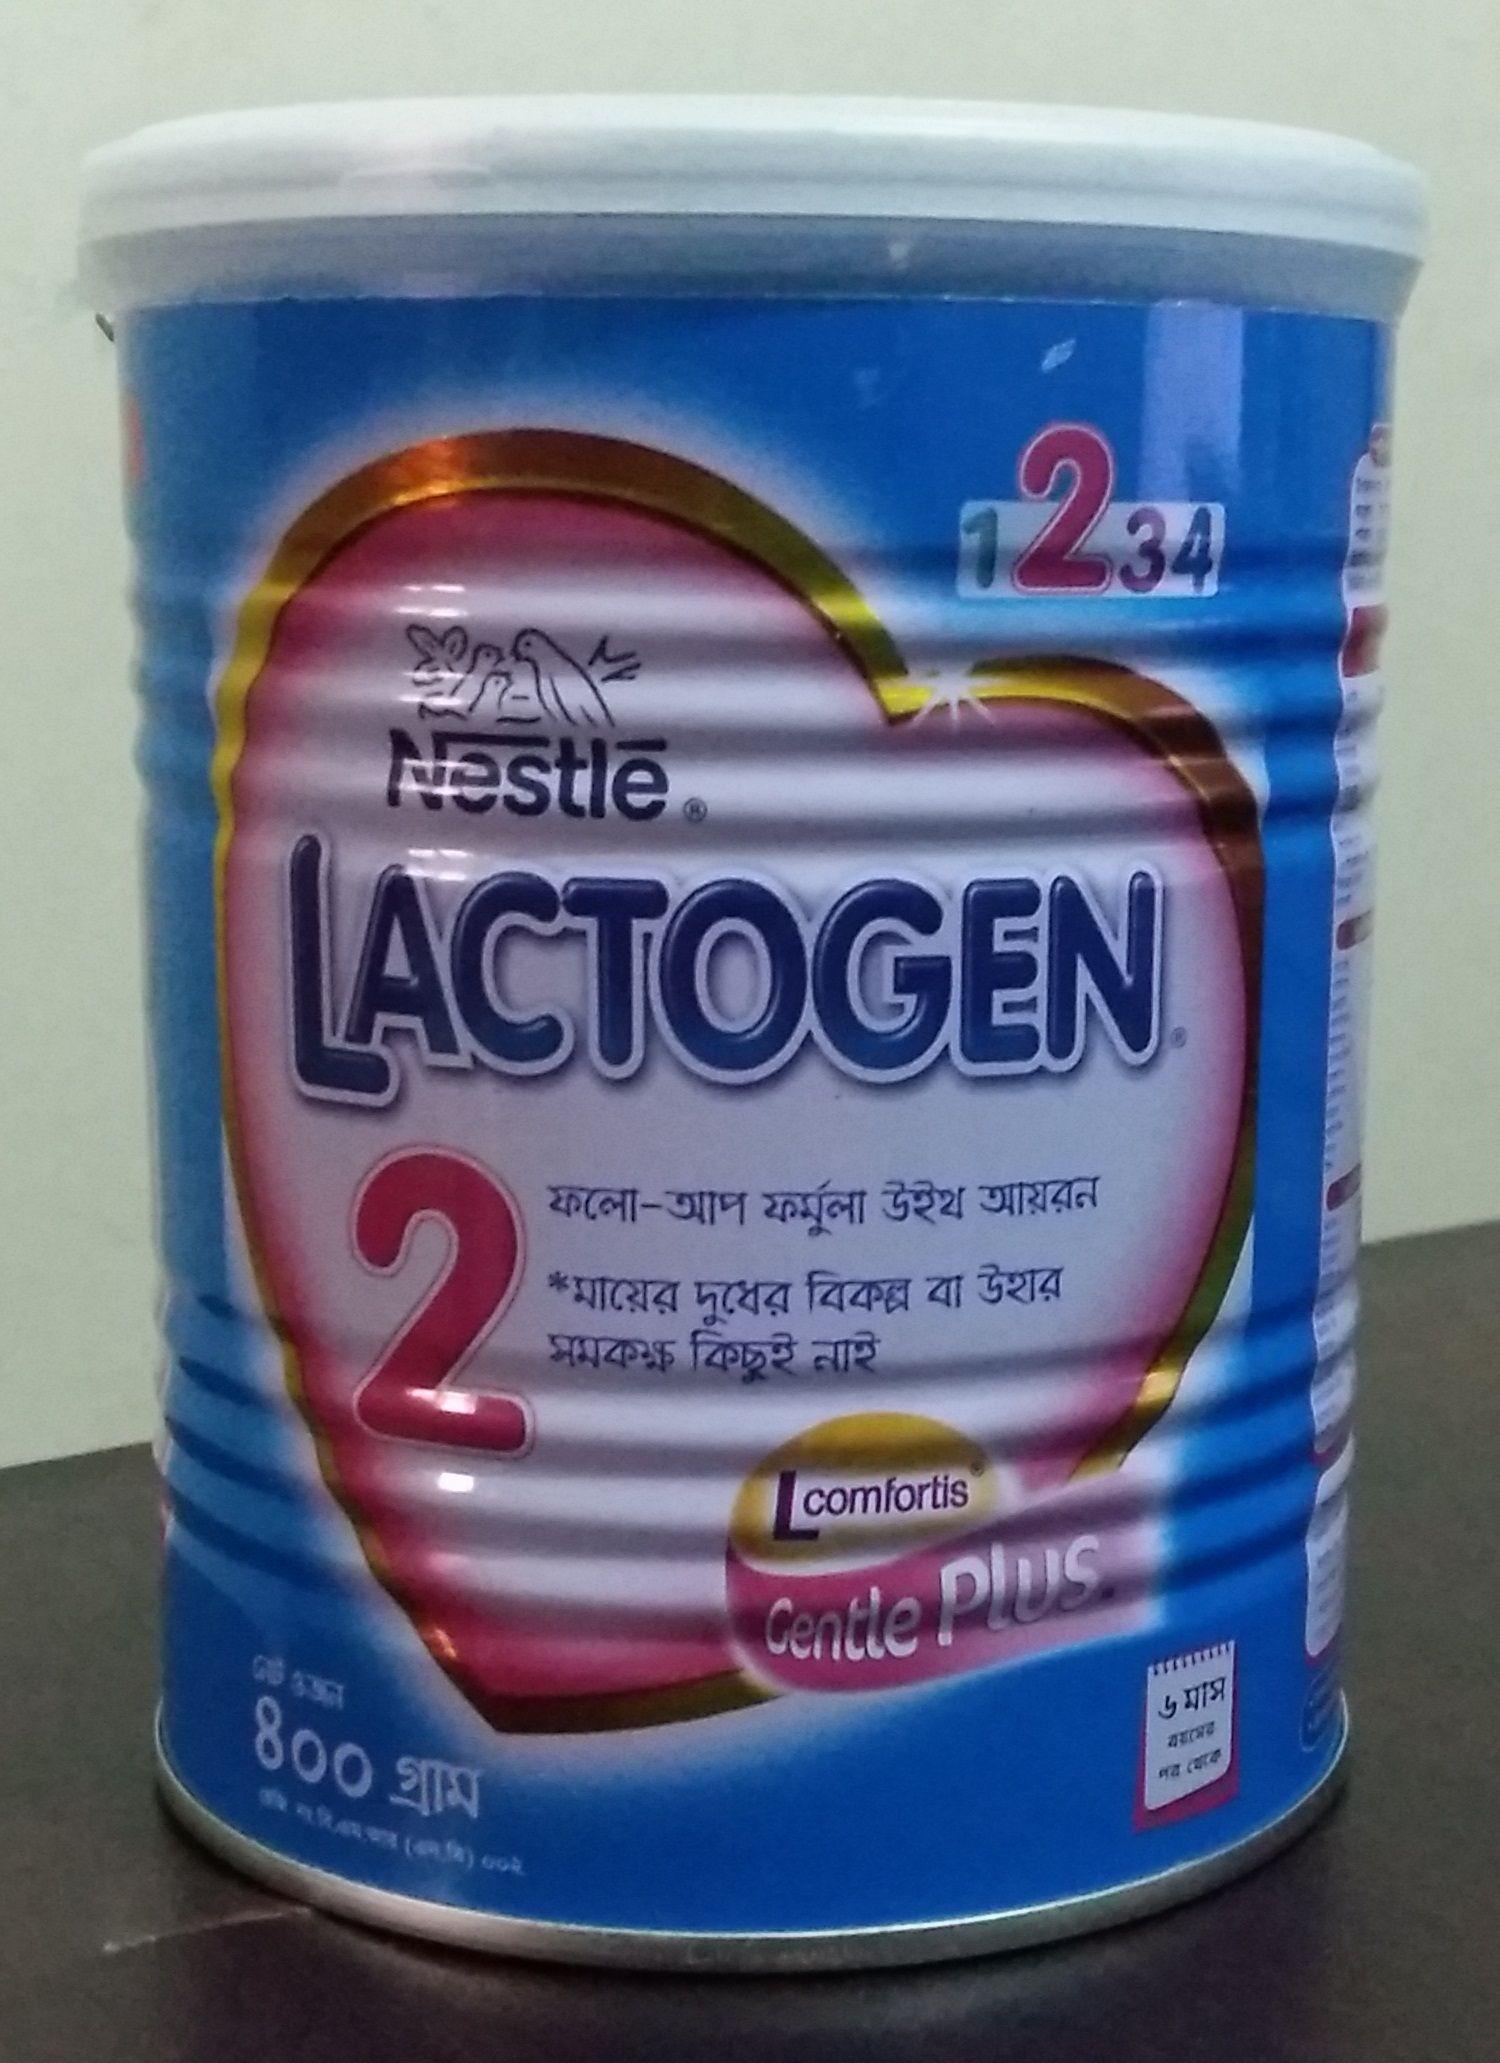 Lactogen 2